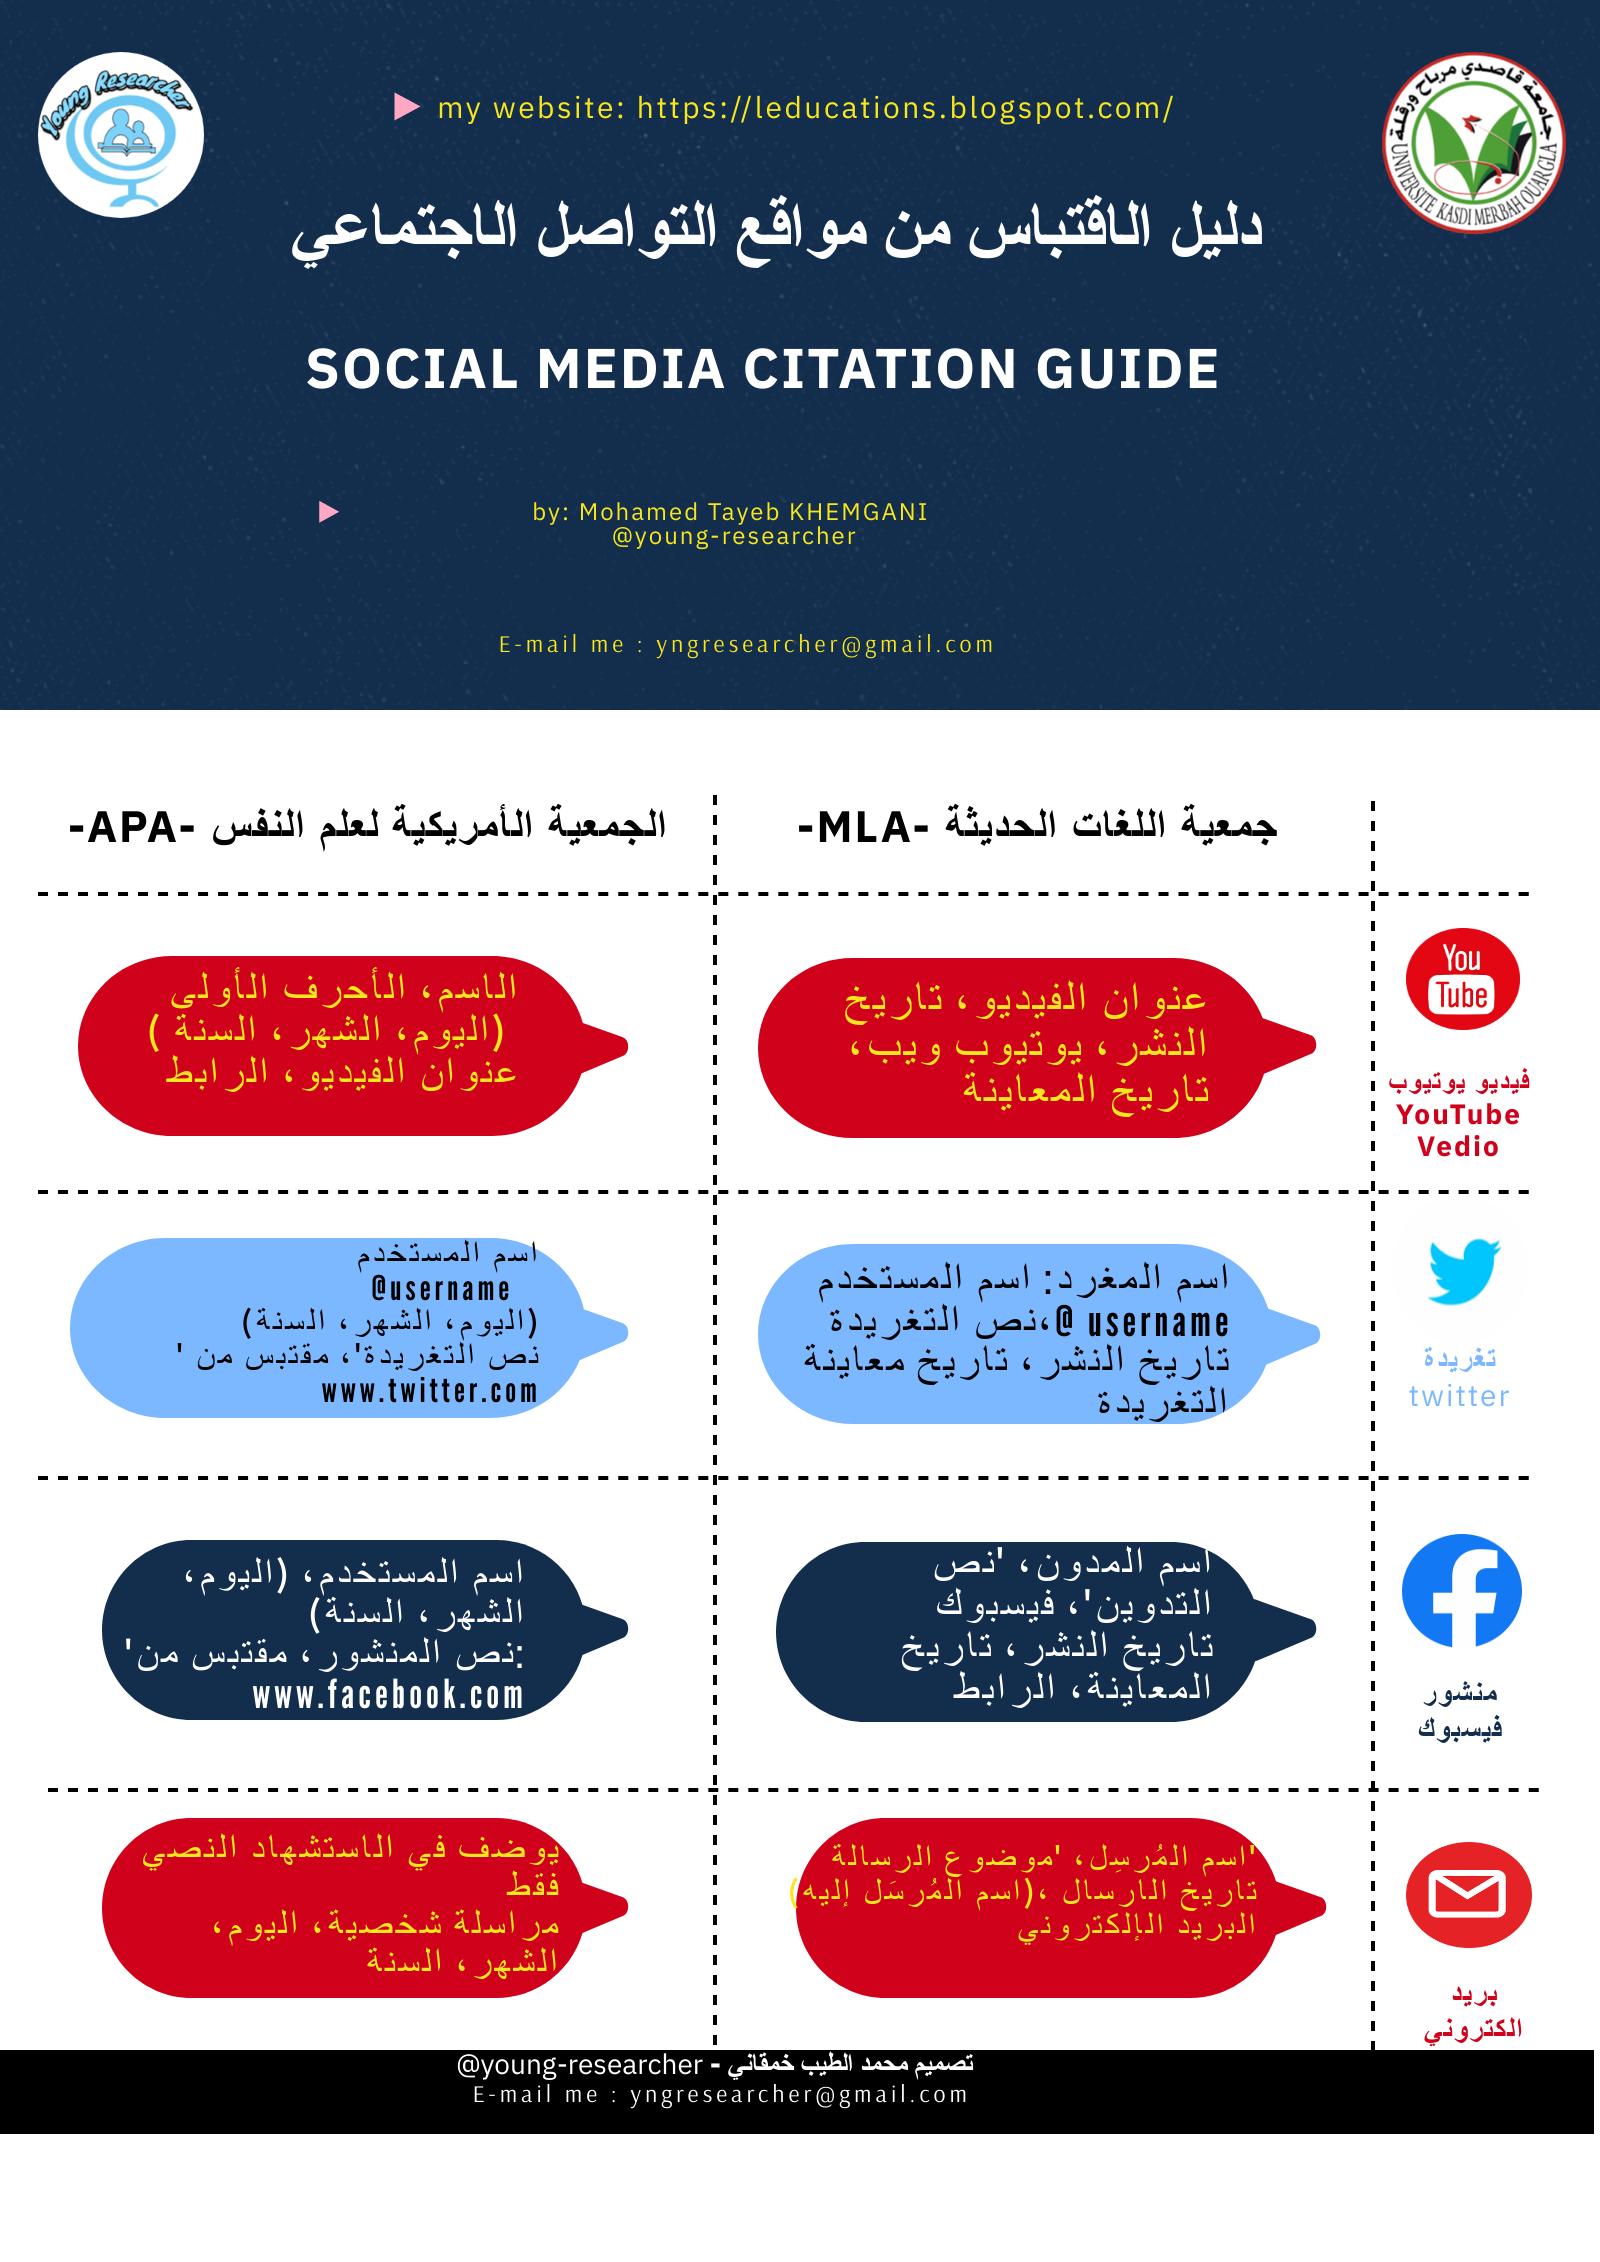 دليل الاقتباس من مواقع التواصل الاجتماعي